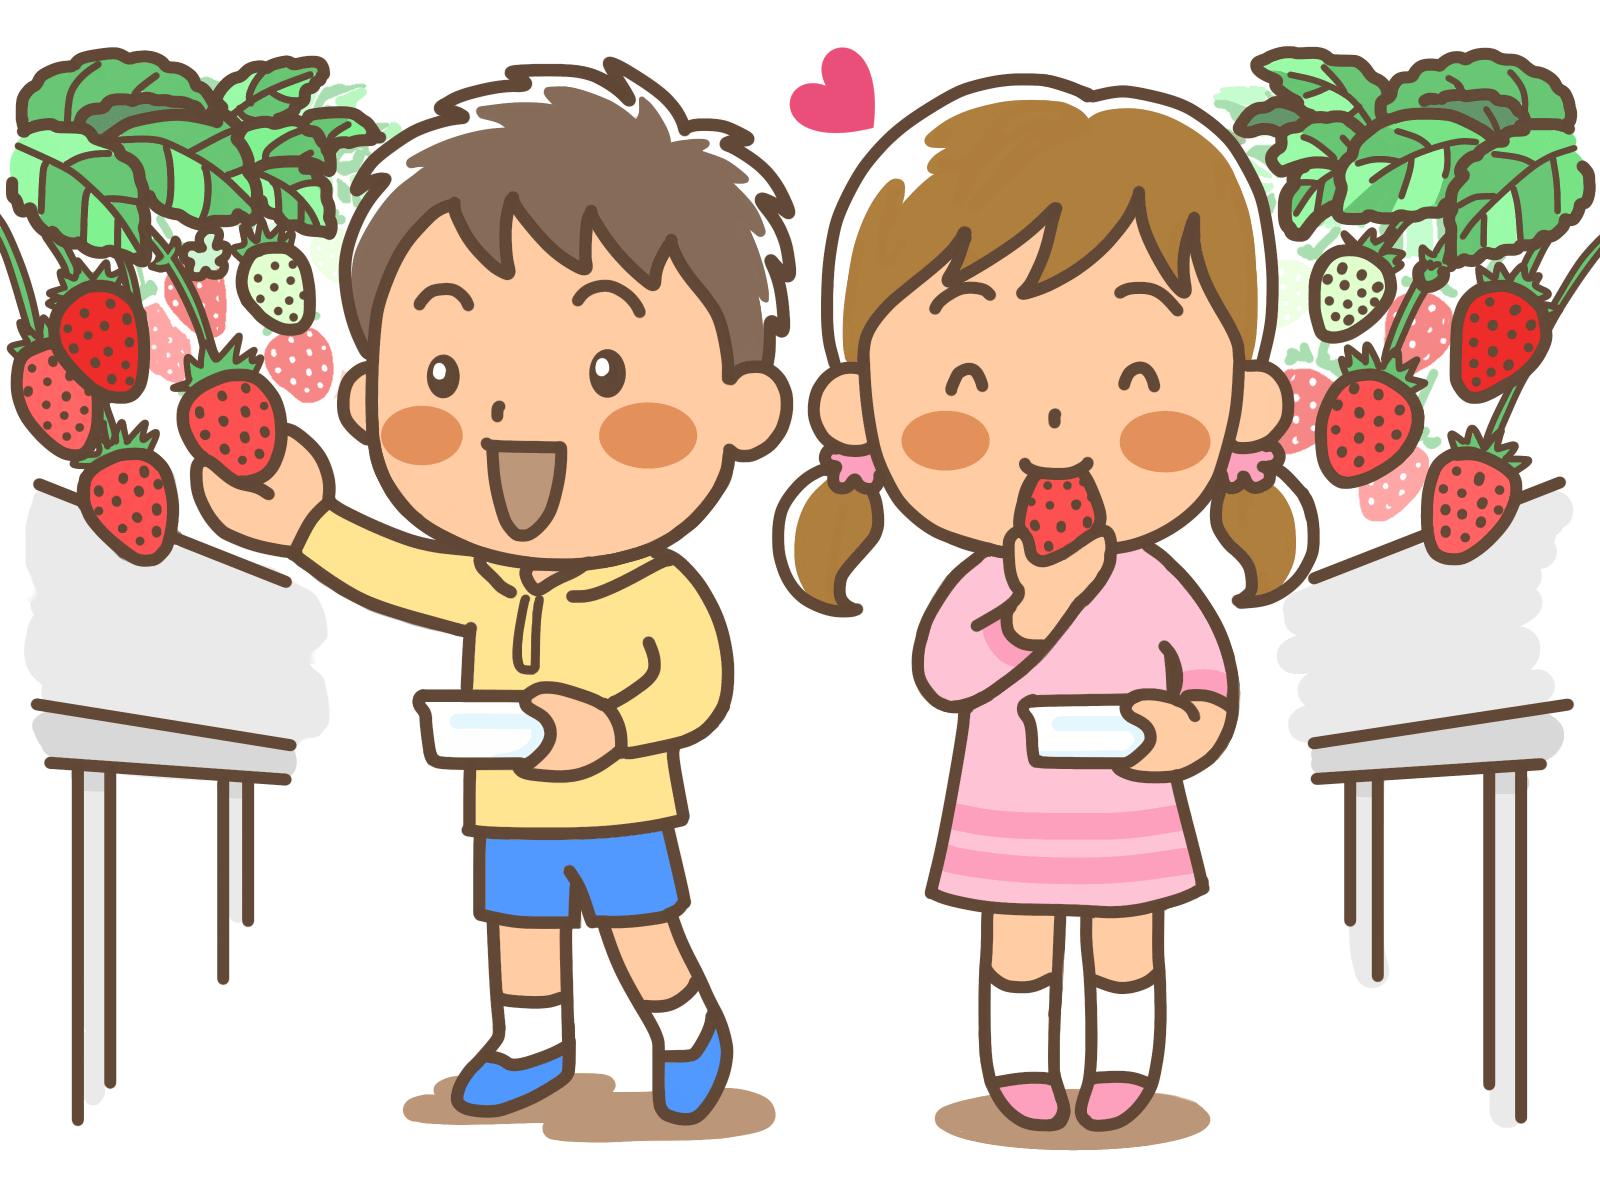 無料 苺 いちご のかわいいイラスト かわいい無料イラスト イラストの描き方